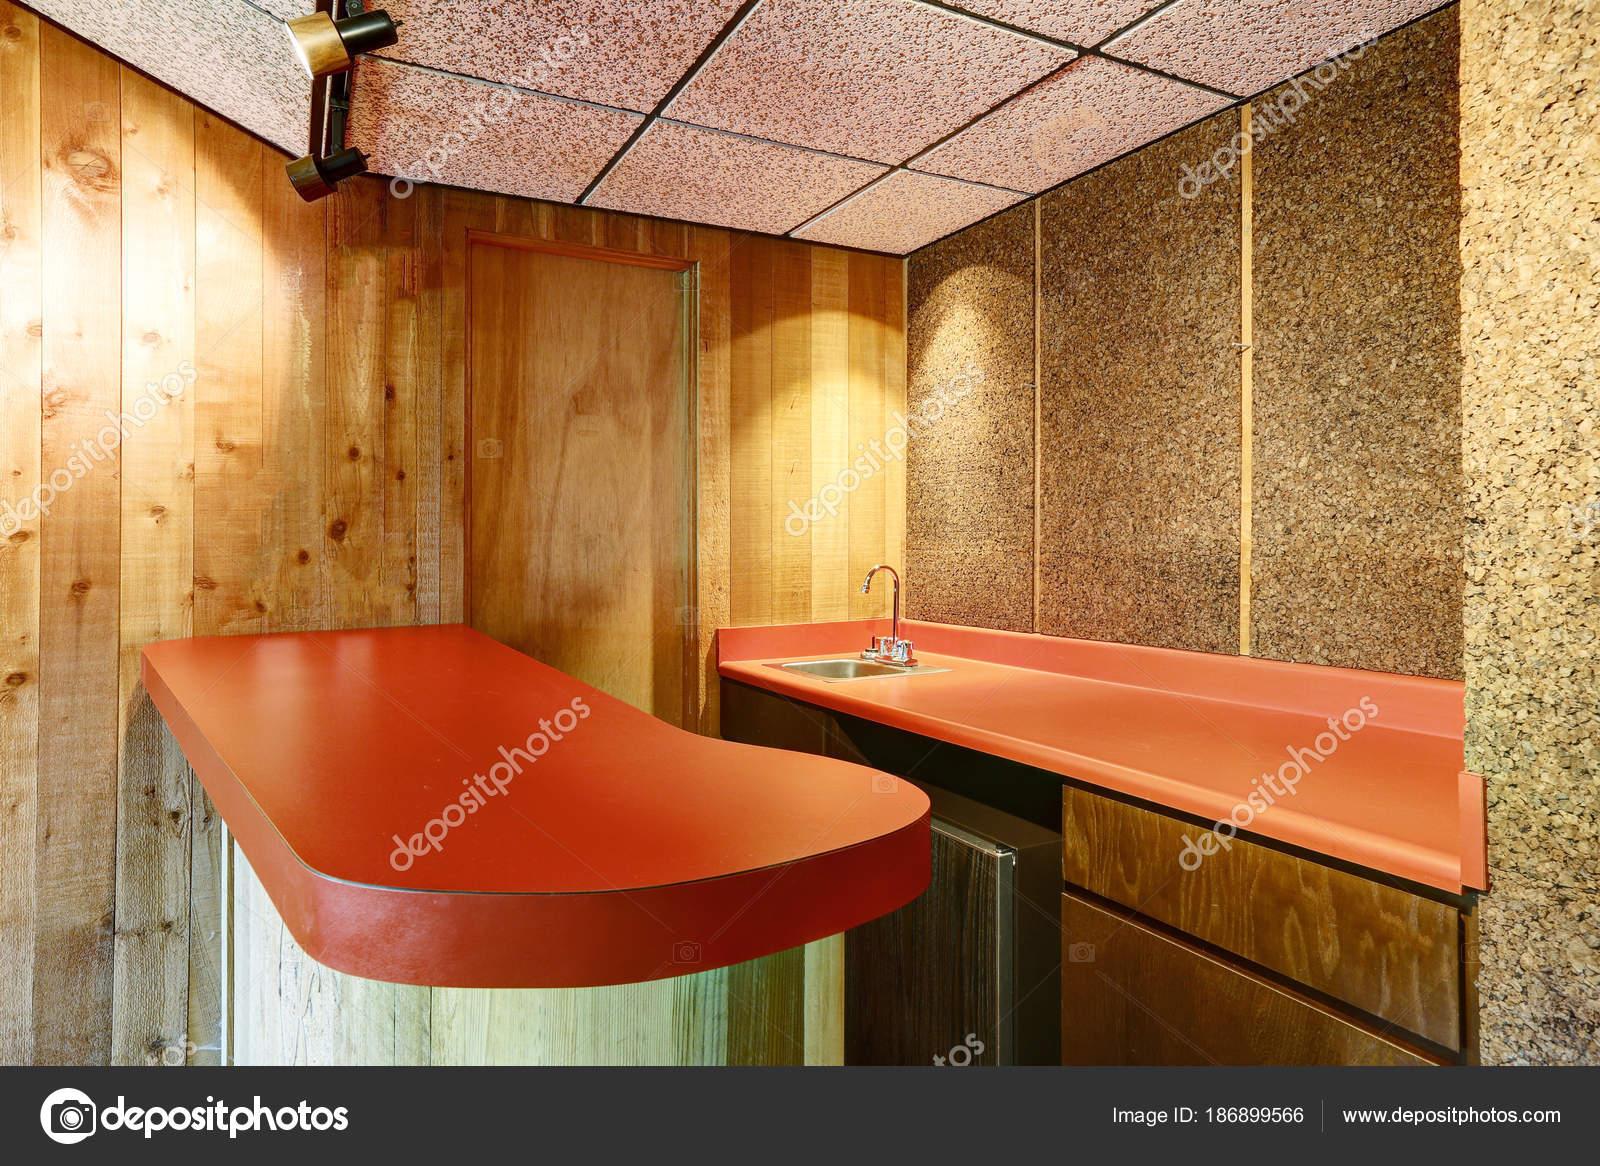 Bar Plank Aan Muur.Wet Bar Recoin Avec Compteurs Rouges Et Murs De Bois Photographie